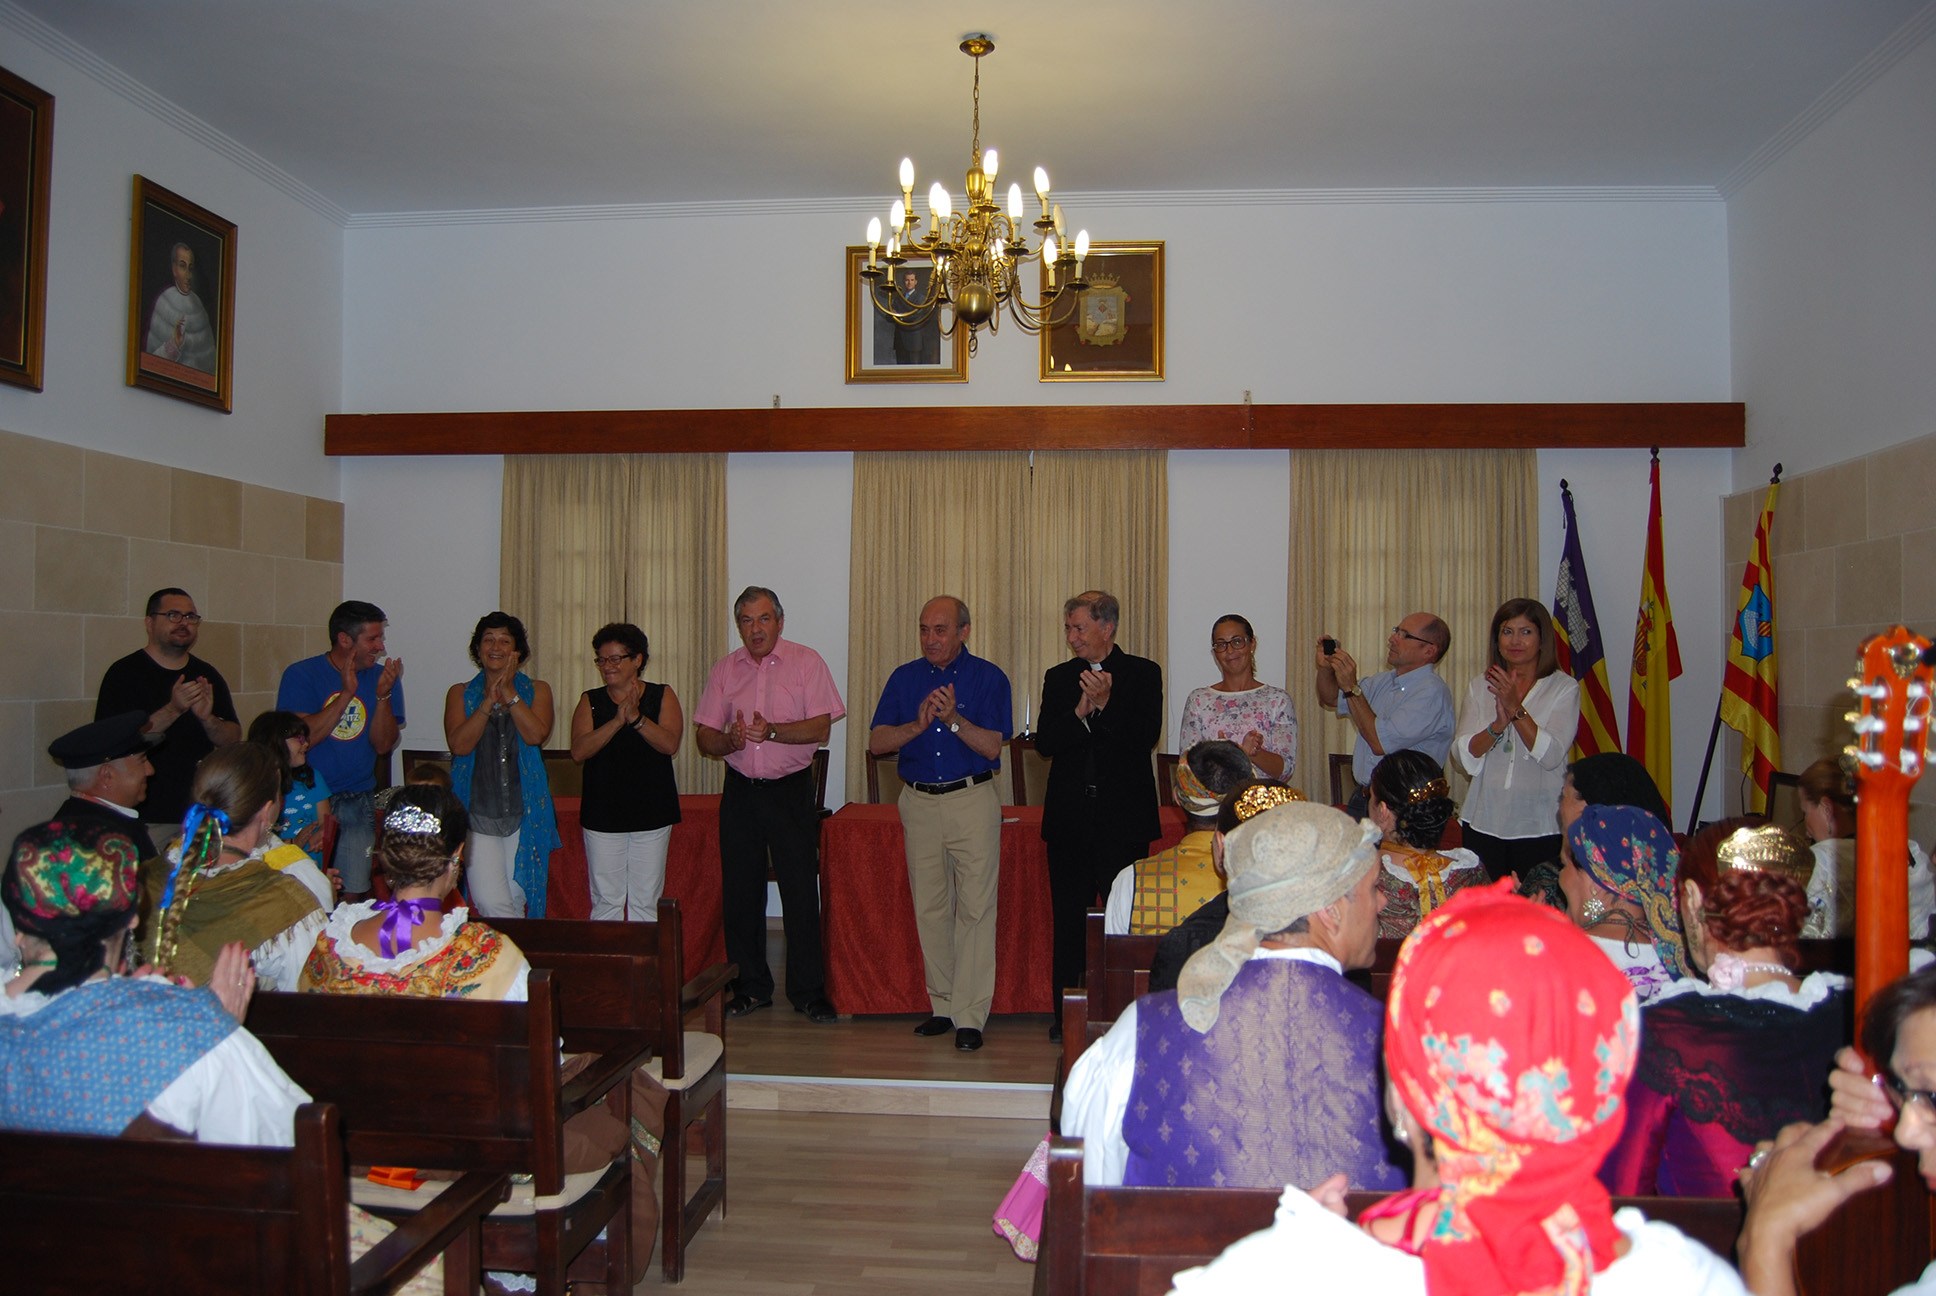 El Bisbe de Menorca, Salvador Gimenez i el Batle de Ferreries, el Valencià Manuel Monerris, donen la Benvinguda al grup de danses murer, al saló de plens de l'Ajuntament.